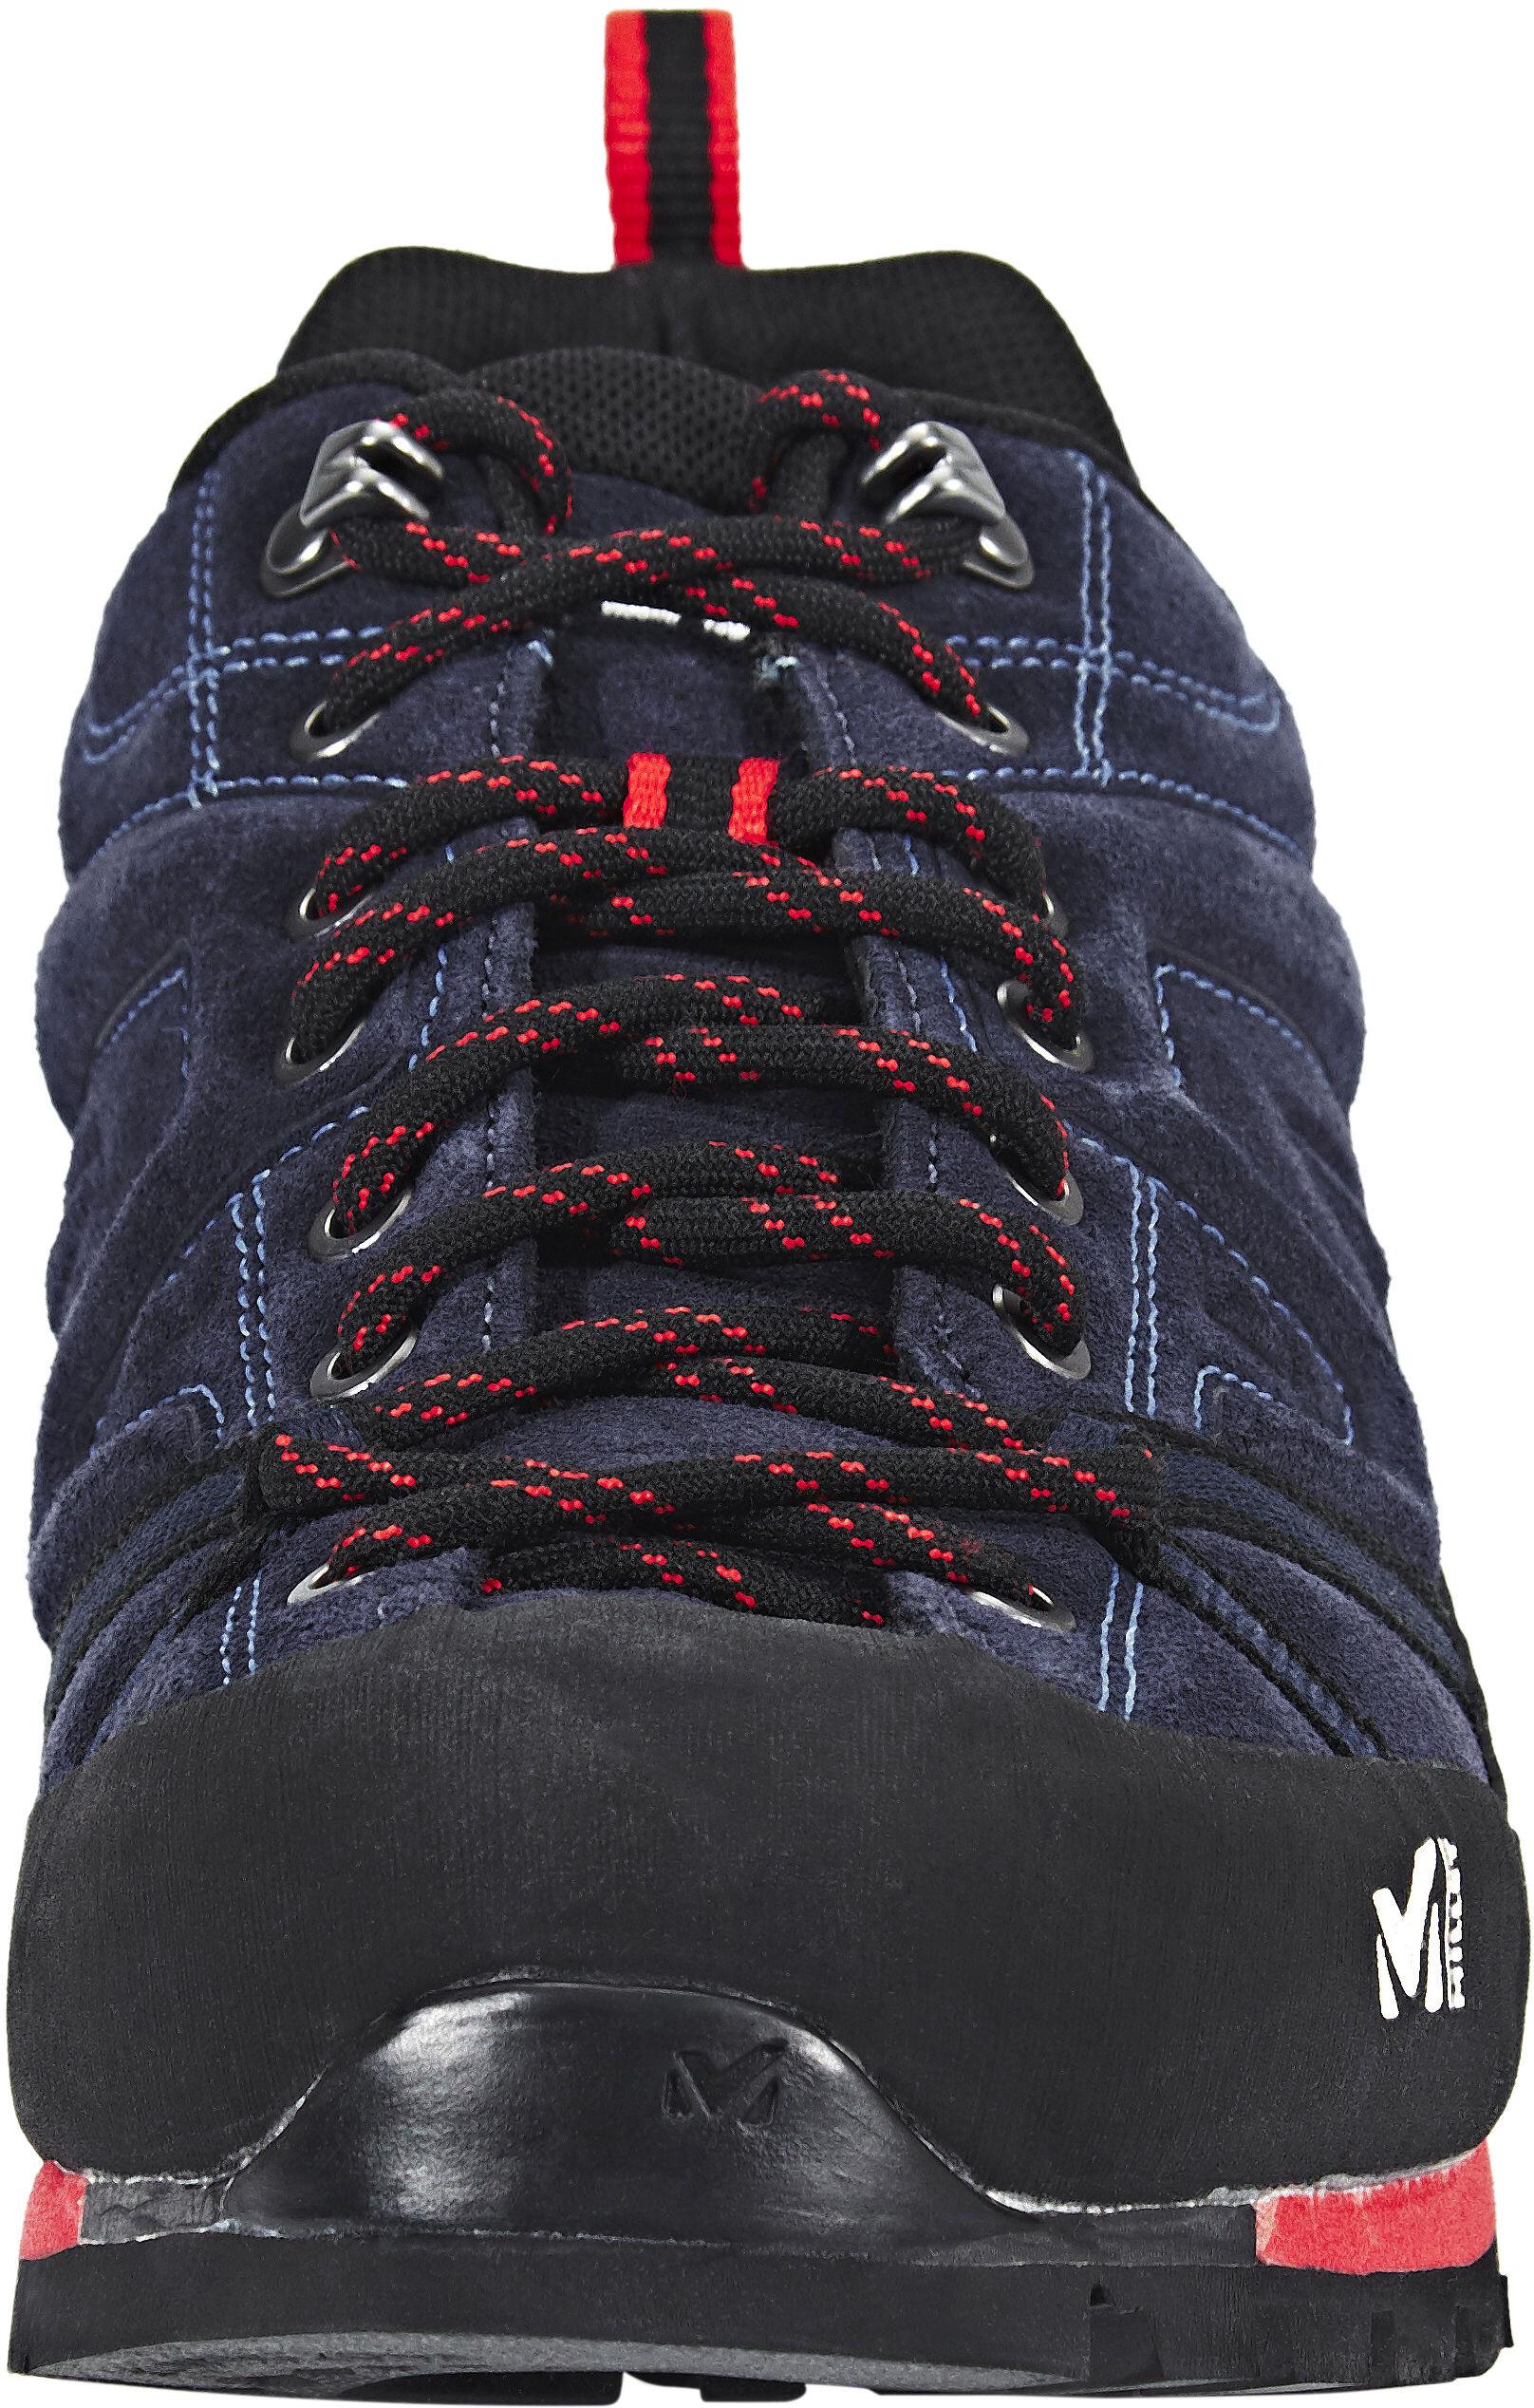 ba30c95b5e5 Millet Trident Guide Sko blå | Find outdoortøj, sko & udstyr på ...